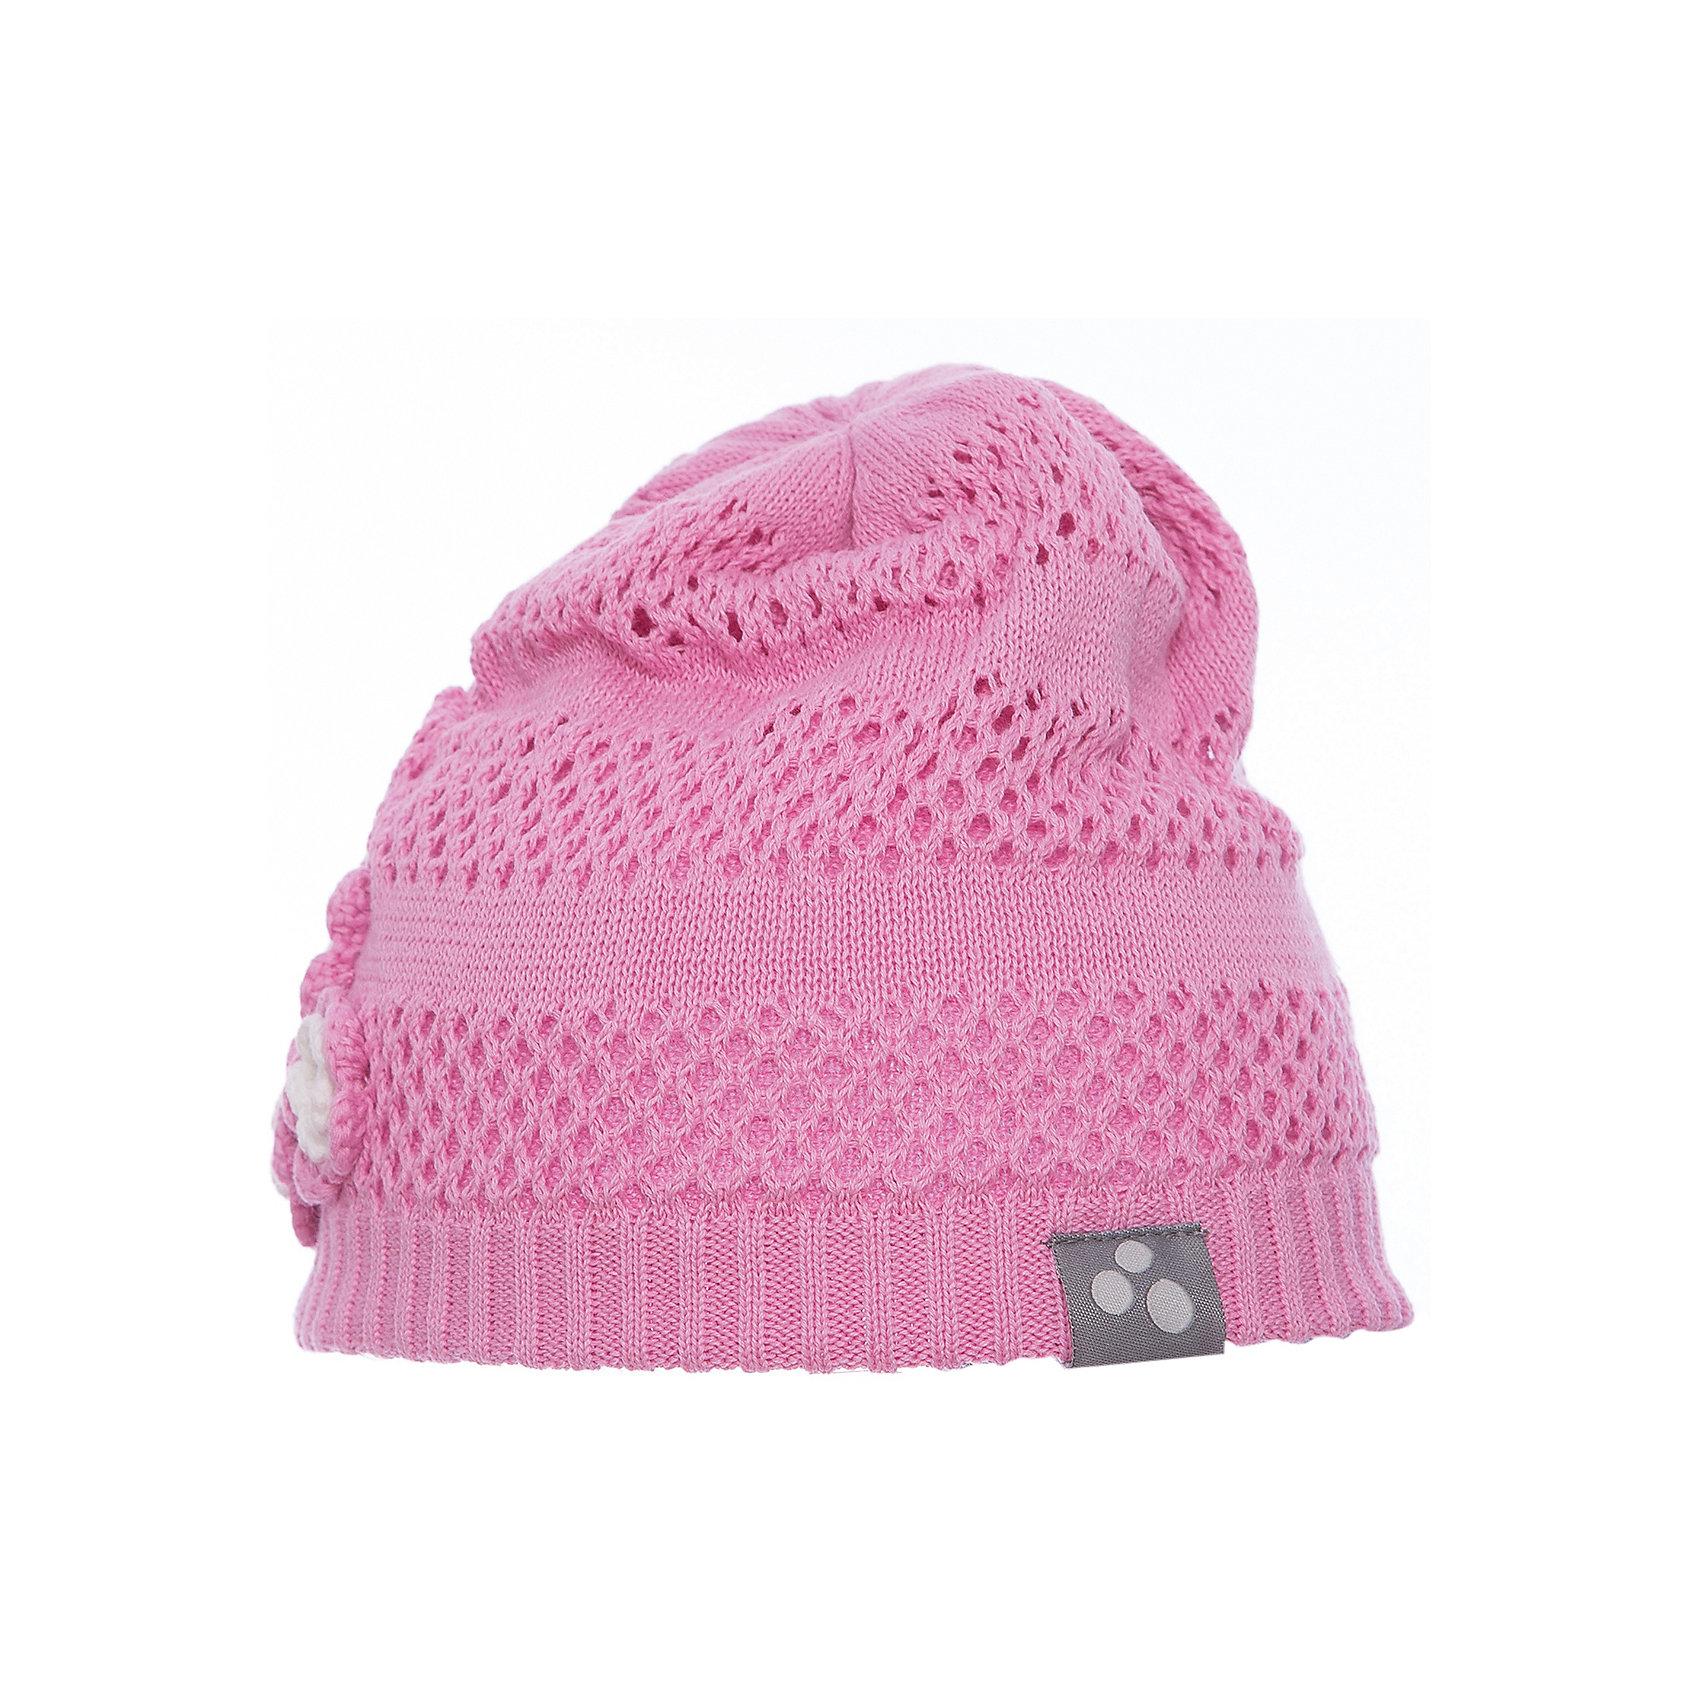 Шапка GLORIA для девочки HuppaДемисезонные<br>Характеристики товара:<br><br>• цвет: розовый<br>• состав: 100% хлопок <br>• температурный режим: от +5°С до +15°С<br>• демисезонная<br>• хлопковая подкладка<br>• мягкая резинка<br>• украшена цветами<br>• логотип<br>• комфортная посадка<br>• мягкий материал<br>• страна бренда: Эстония<br><br>Такая удобная и красивая шапка обеспечит детям тепло и комфорт. Подкладка сделана из приятного на ощупь дышащего и гипоаллергенного хлопка. Шапка очень симпатично смотрится, а дизайн и расцветка позволяют сочетать её с различной одеждой. Модель была разработана специально для детей.<br><br>Одежда и обувь от популярного эстонского бренда Huppa - отличный вариант одеть ребенка можно и комфортно. Вещи, выпускаемые компанией, качественные, продуманные и очень удобные. Для производства изделий используются только безопасные для детей материалы. Продукция от Huppa порадует и детей, и их родителей!<br><br>Шапку GLORIA от бренда Huppa (Хуппа) можно купить в нашем интернет-магазине.<br><br>Ширина мм: 89<br>Глубина мм: 117<br>Высота мм: 44<br>Вес г: 155<br>Цвет: розовый<br>Возраст от месяцев: 144<br>Возраст до месяцев: 168<br>Пол: Женский<br>Возраст: Детский<br>Размер: 57,55-57,51-53,47-49<br>SKU: 5347740